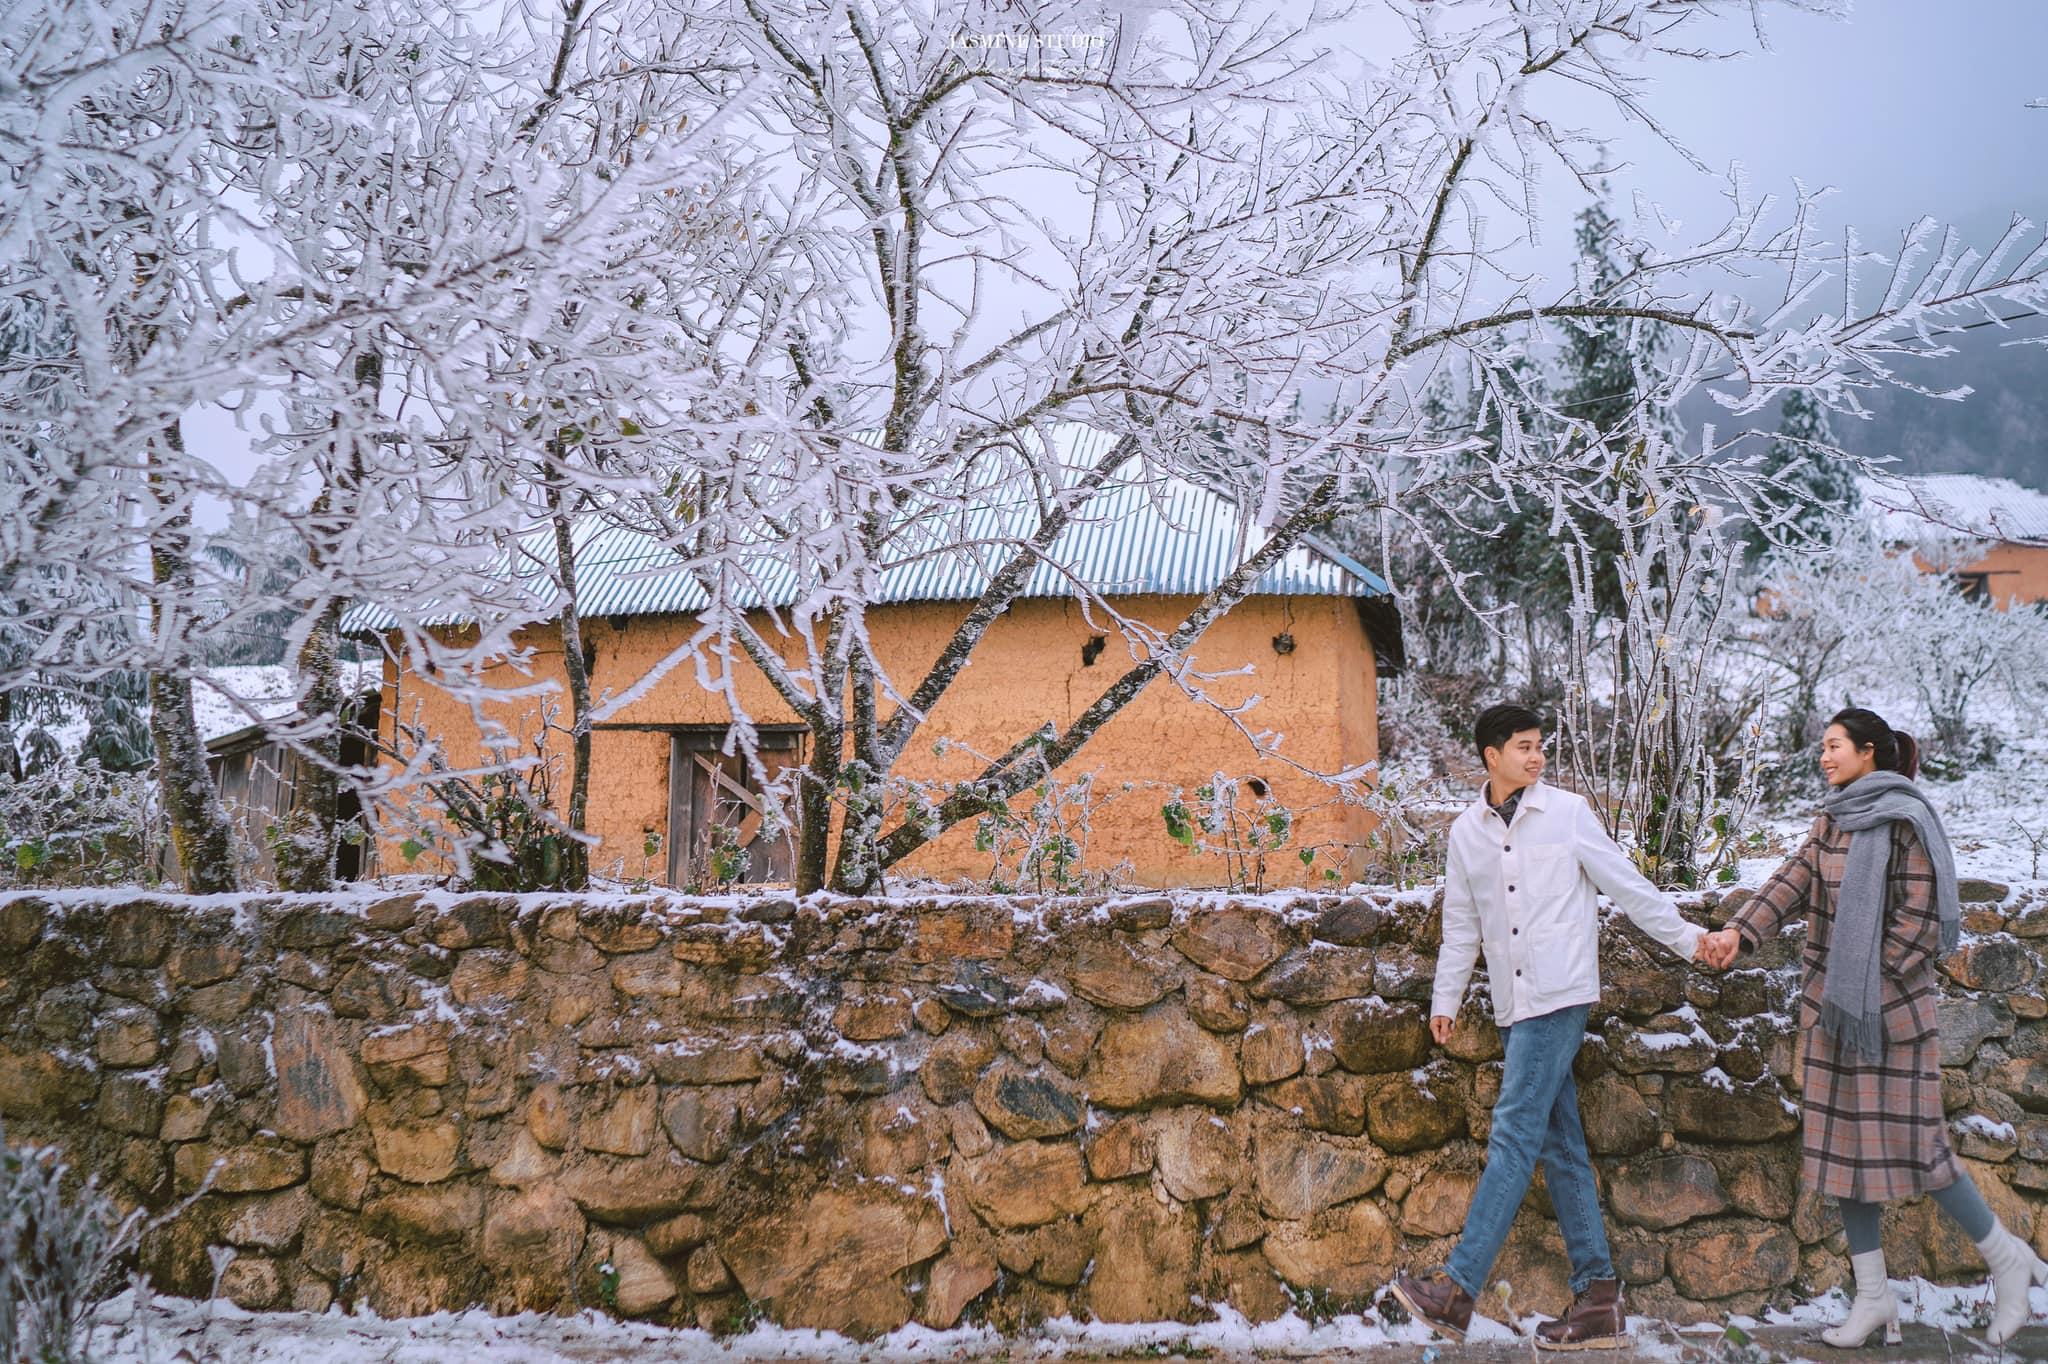 Chúng ta nắm tay nhau đi qua mùa đông - Nguồn ảnh: Lương Hồng Phong